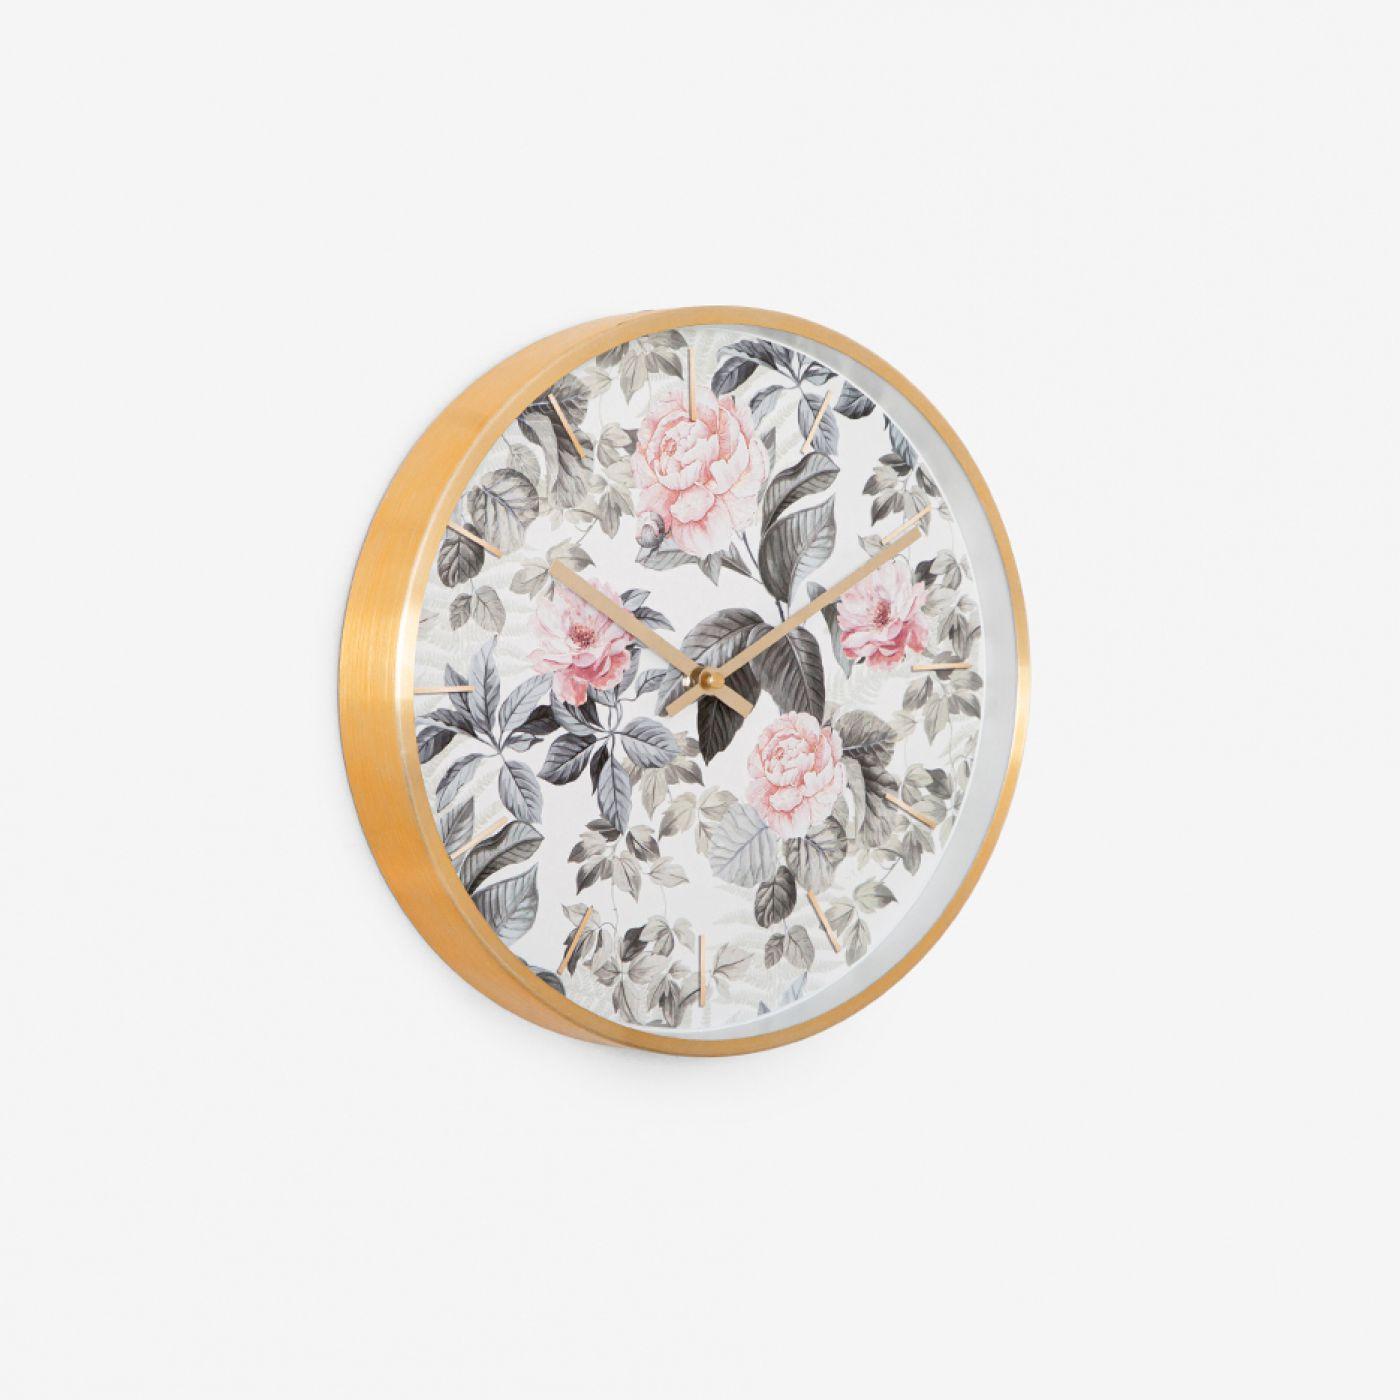 שעון קיר GARDEN   קטן